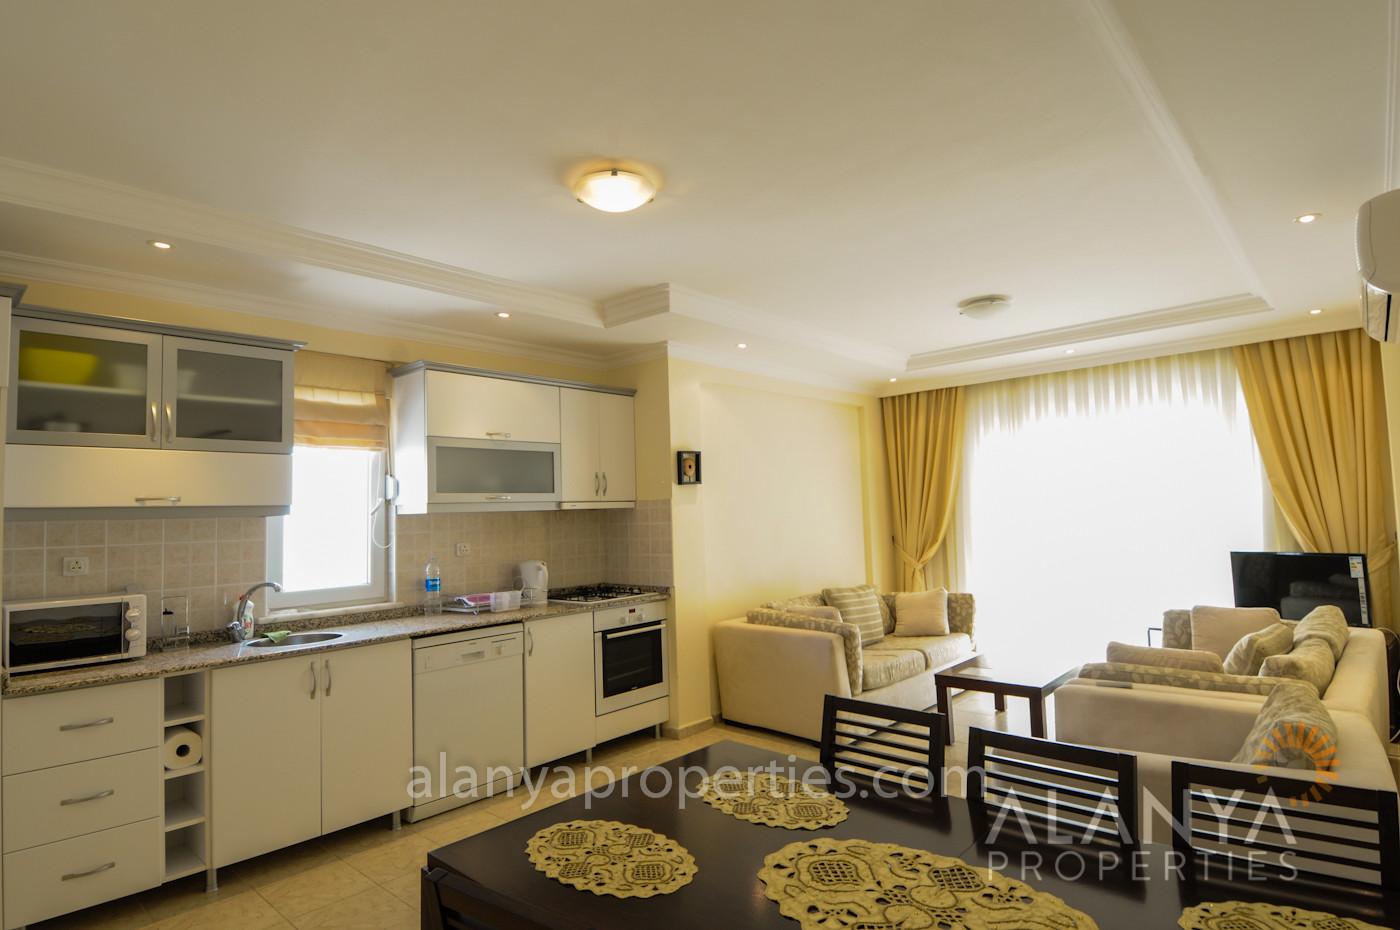 Manquez pas cette offre - Appartement 2+1 complètement meublé à vendre à Tosmur, Alanya